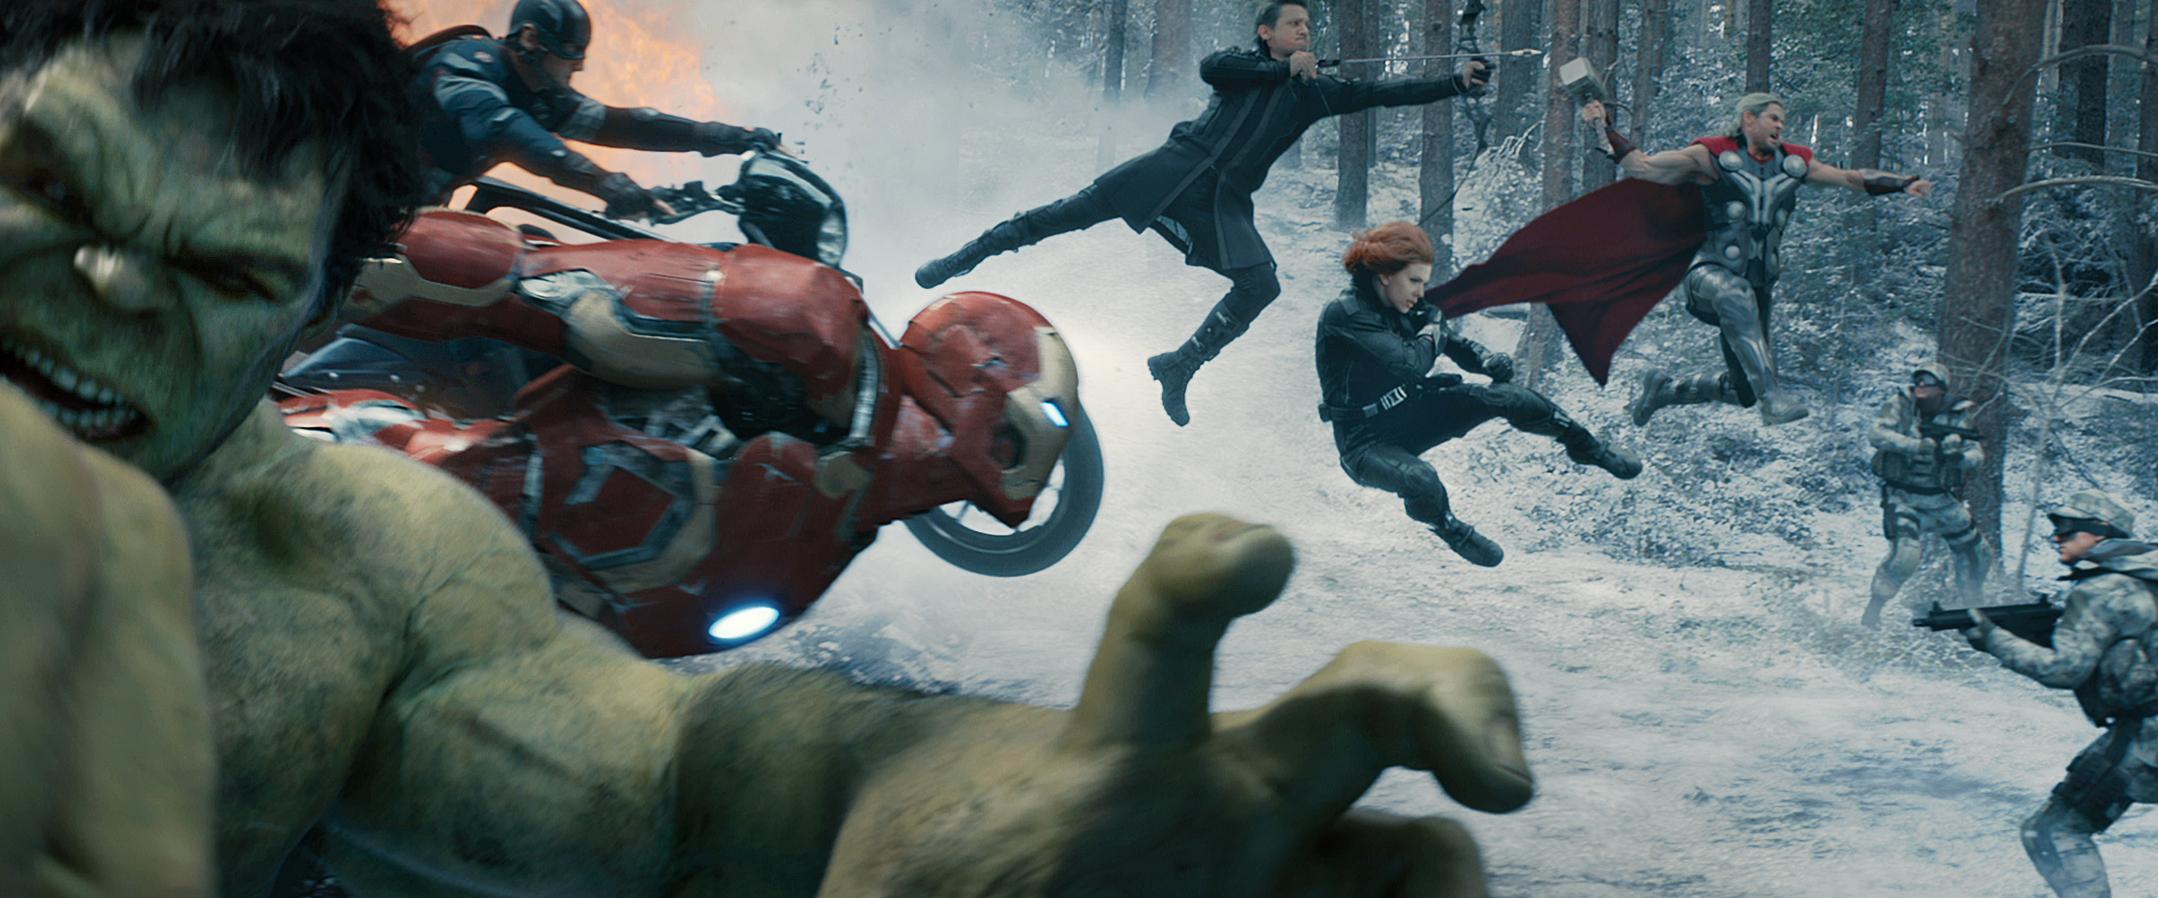 Marvel's Avengers: Age Of Ultron - Team Shot